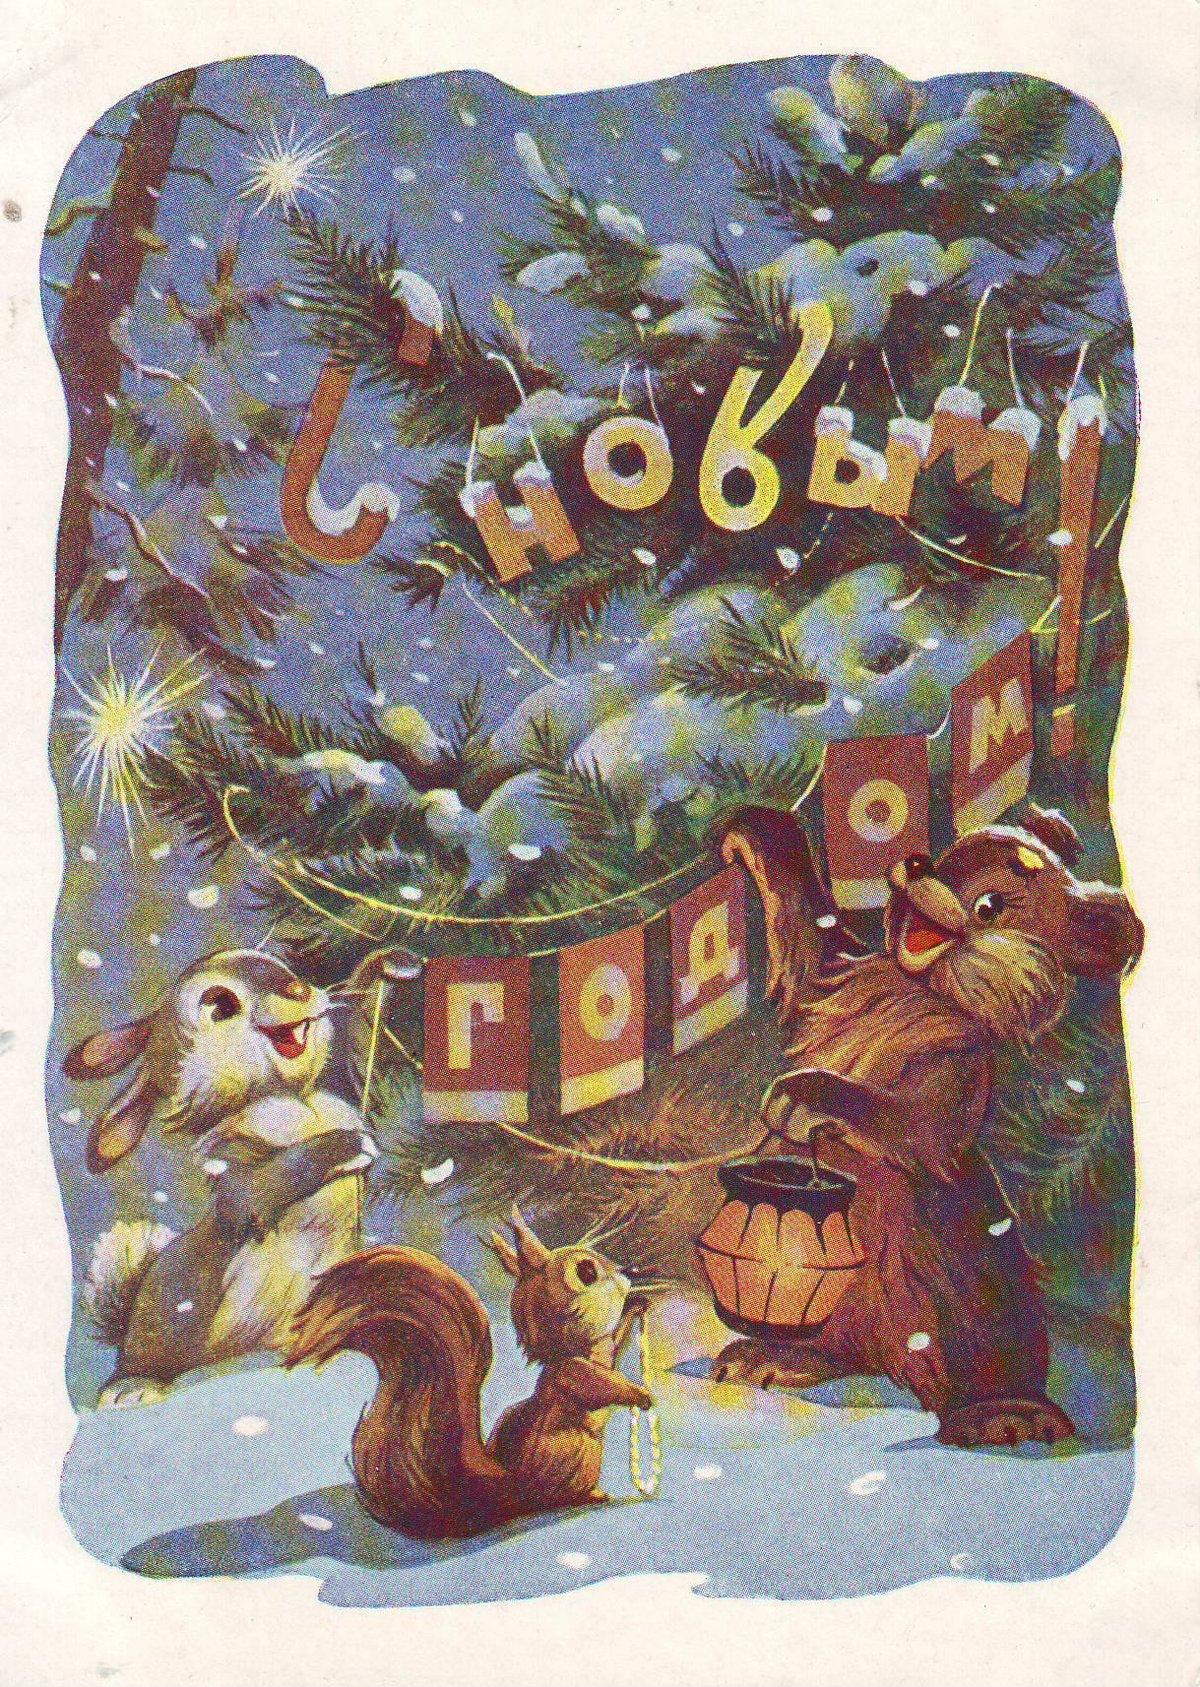 Открытки для нового года в 50 60 годах, алдын-сайт